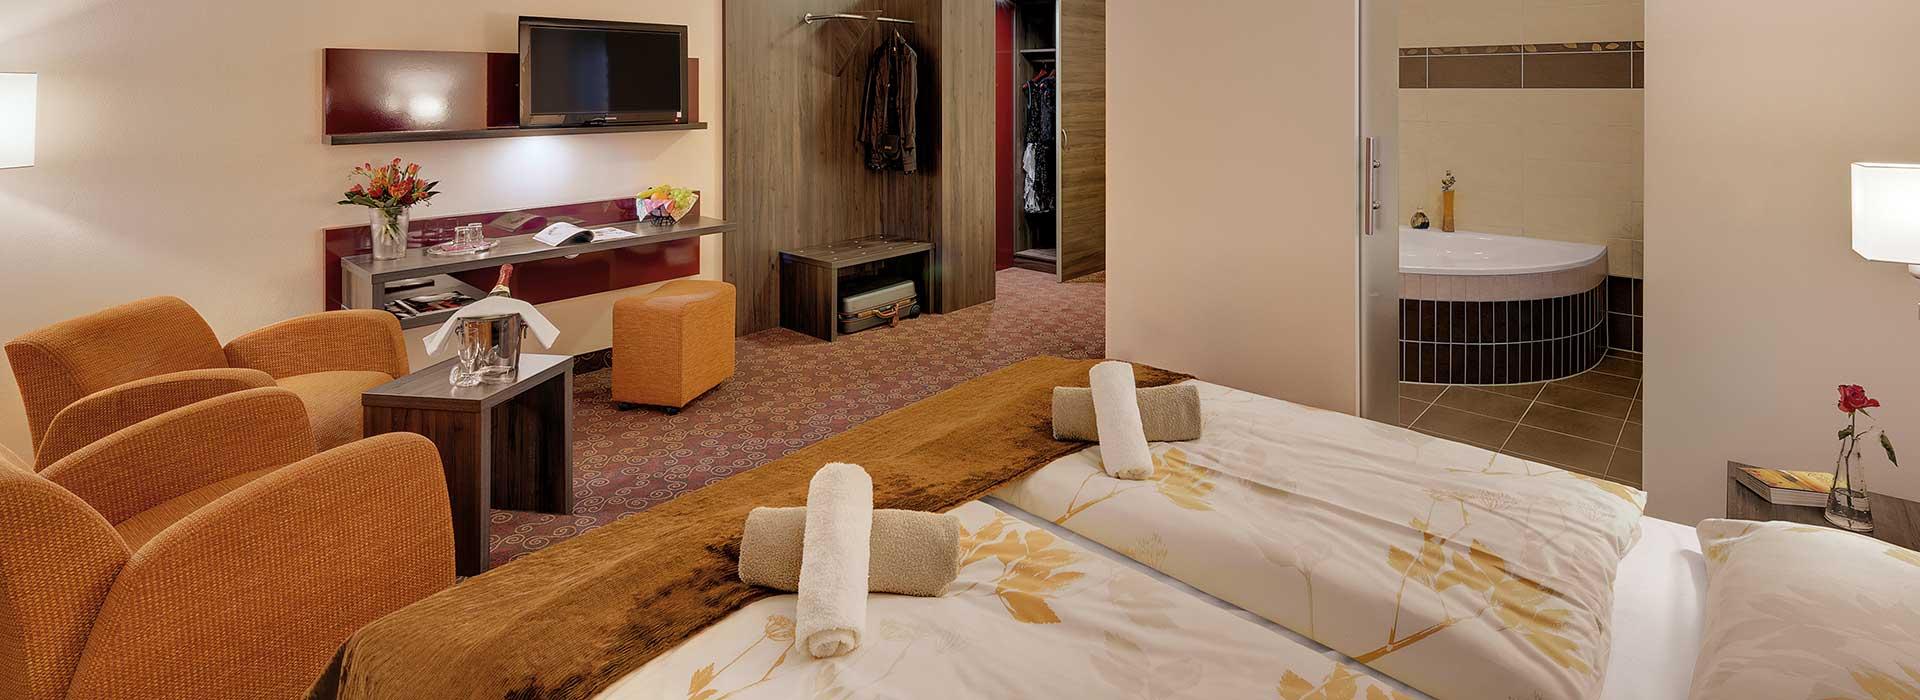 Unterkünfte für Gruppenreisen in Oberhof   Blick Premium-Zimmer Schlossberghotel